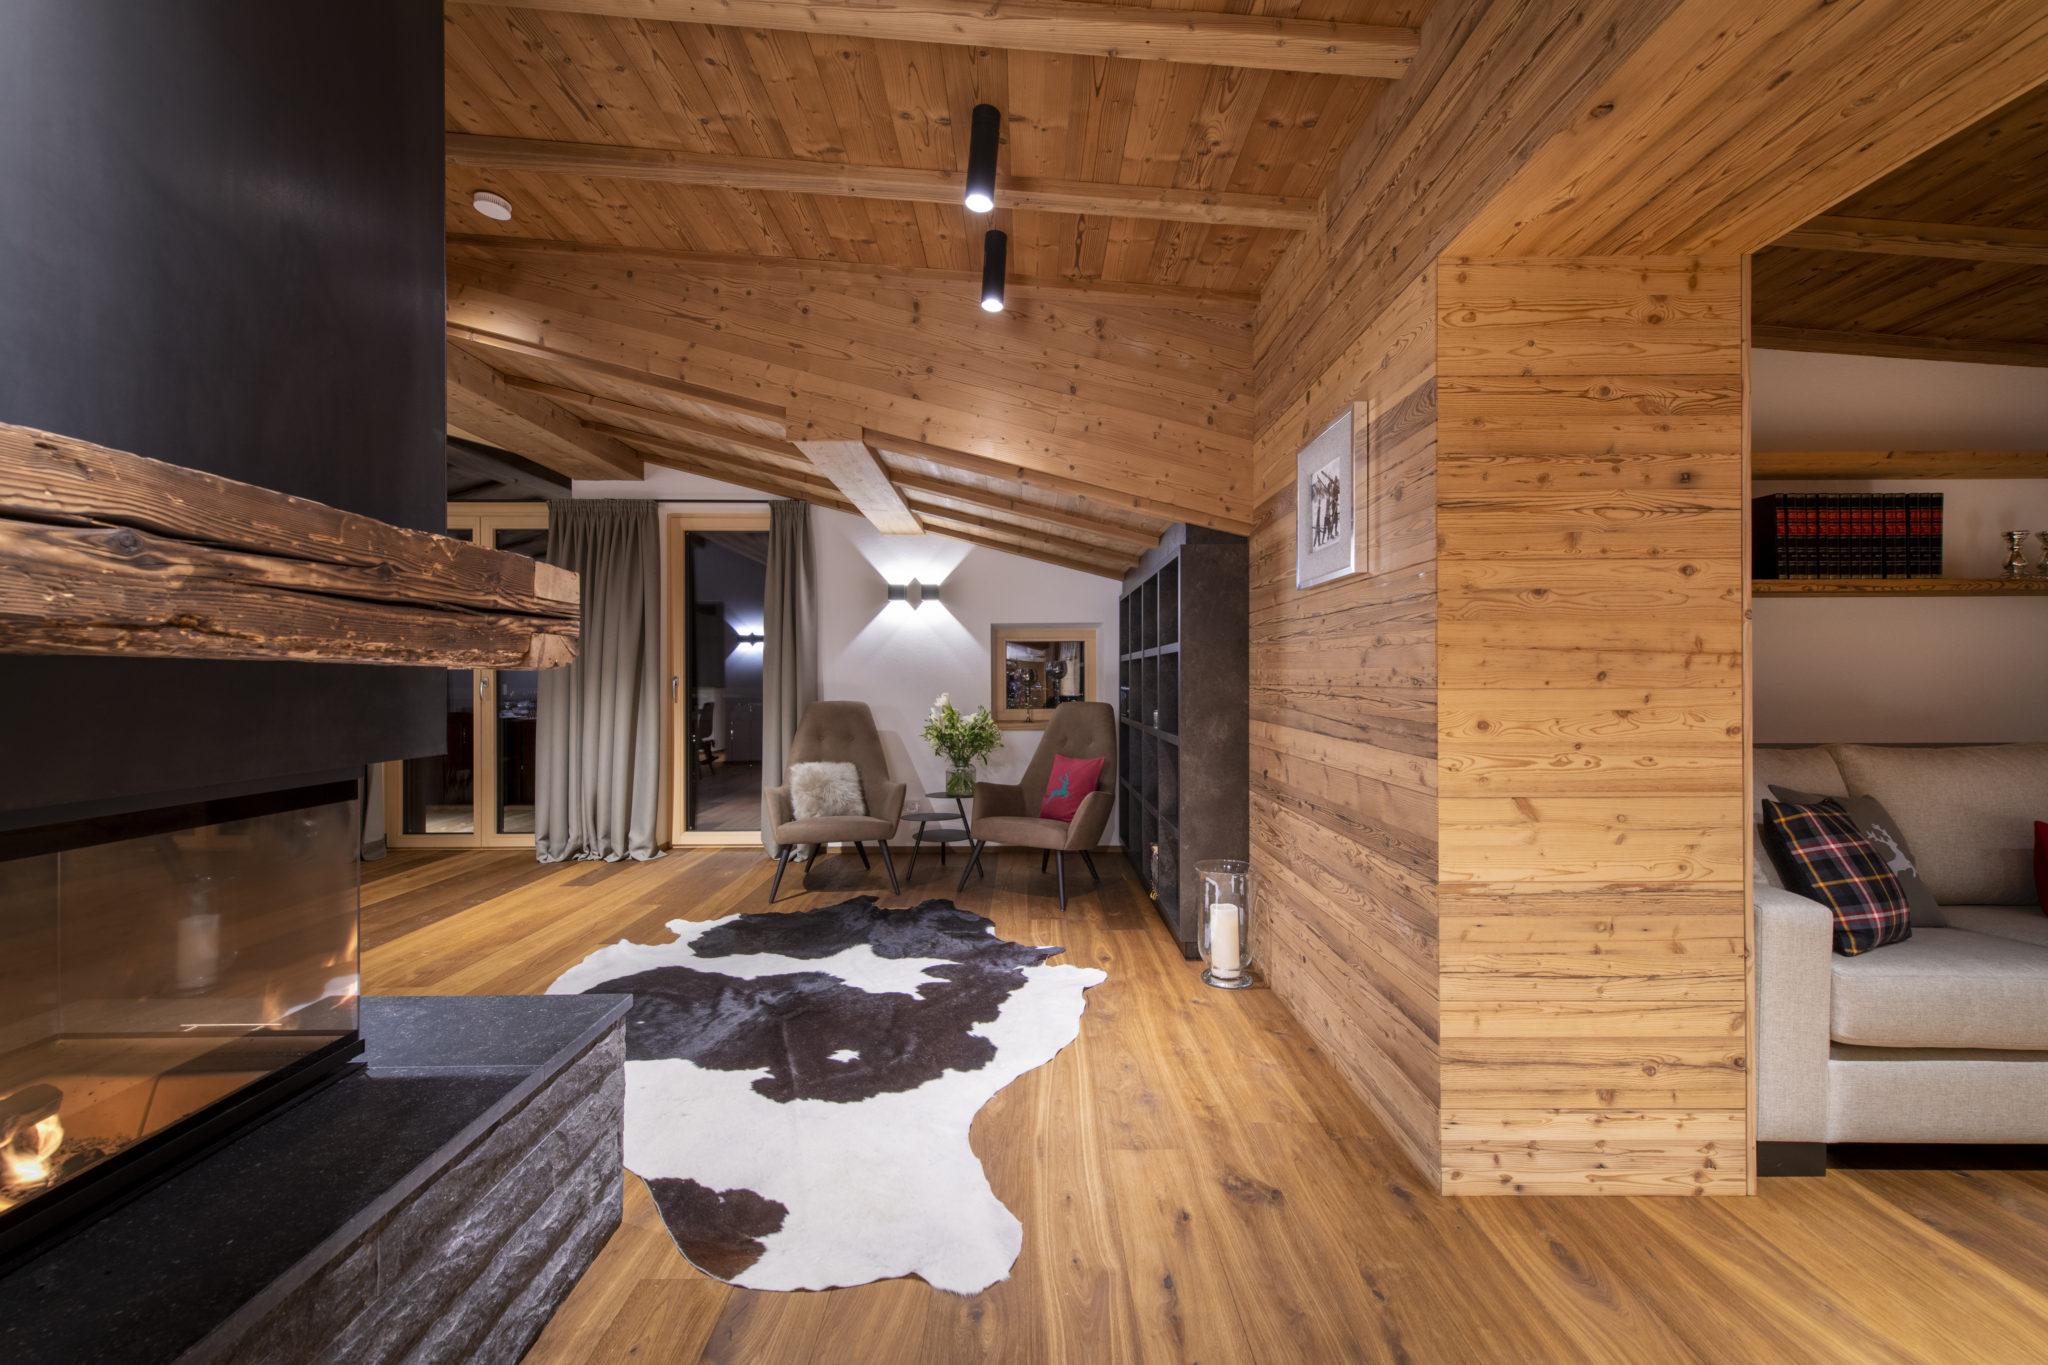 bhlhof-penthouse-11388-scaled